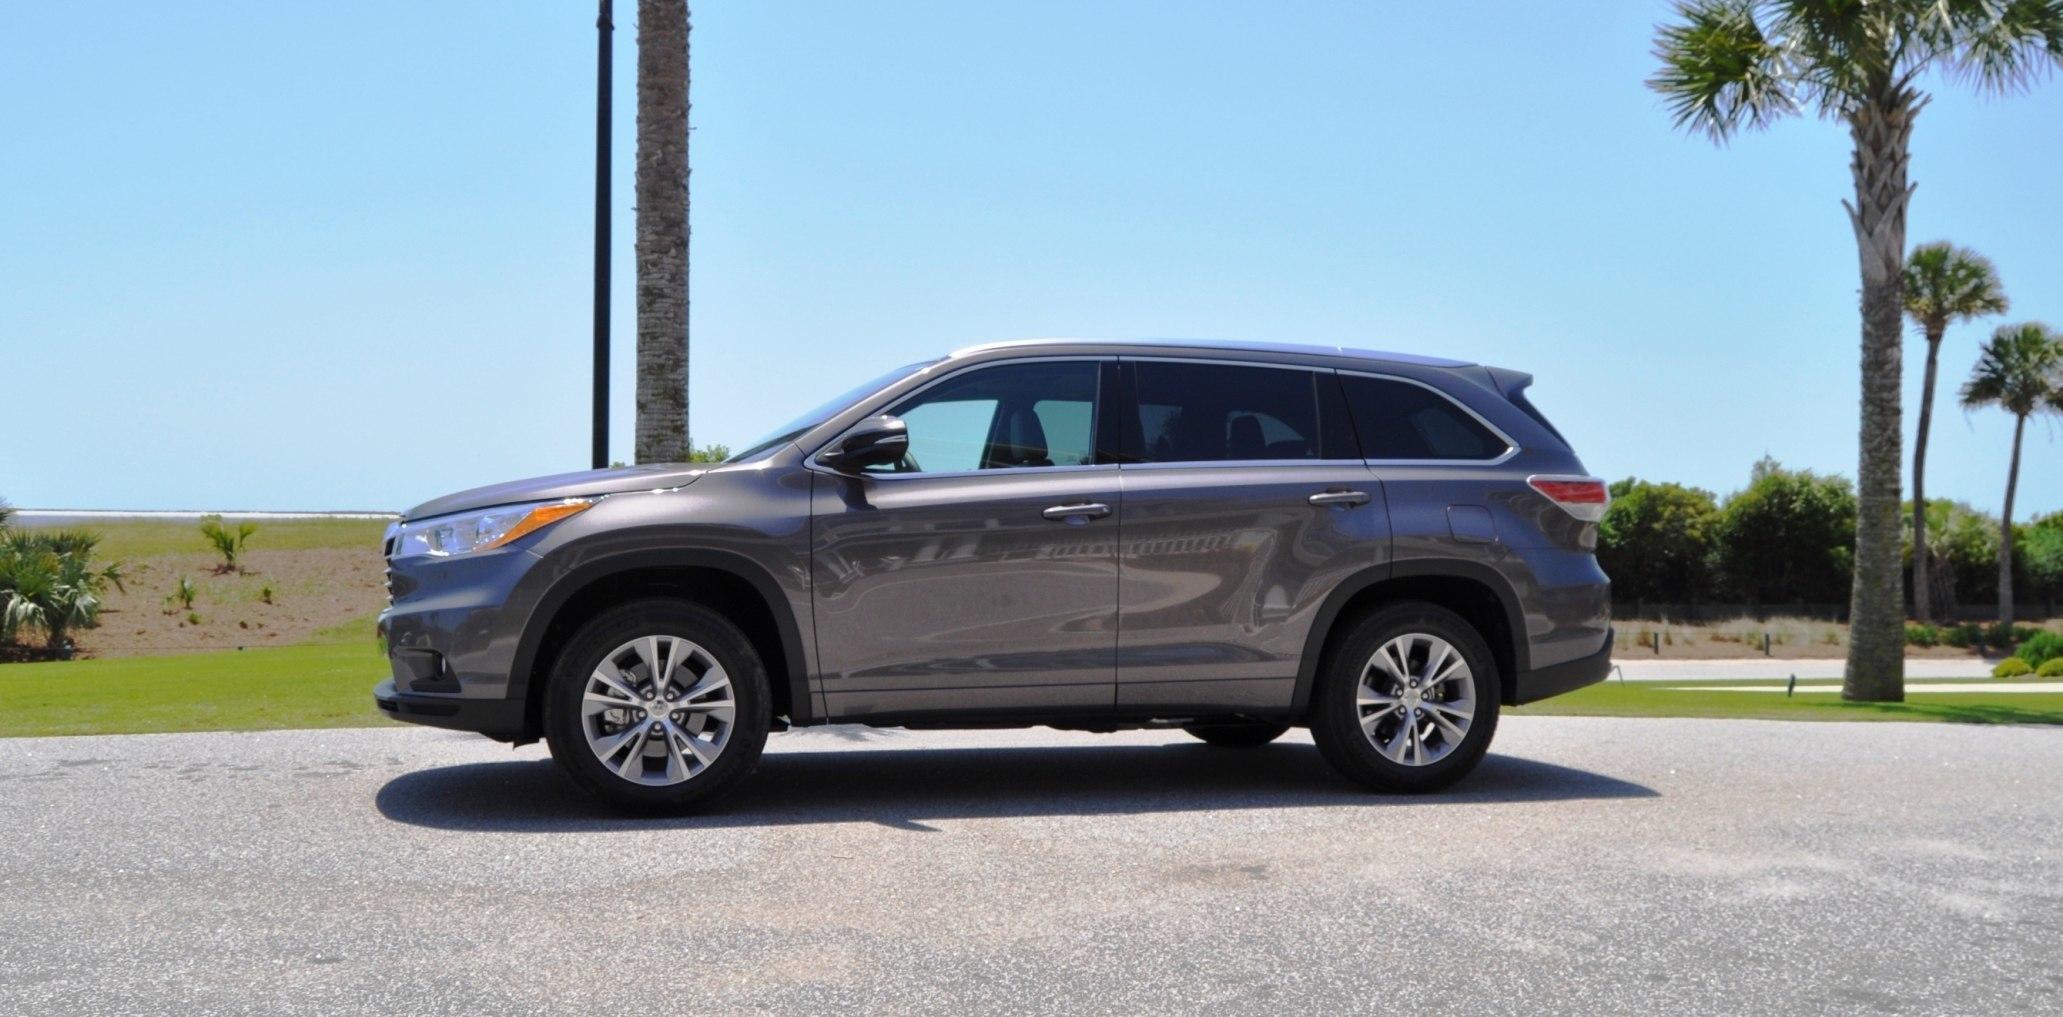 Car-Revs-Daily.com Road Test Review - 2014 Toyota Highlander XLE V6 89